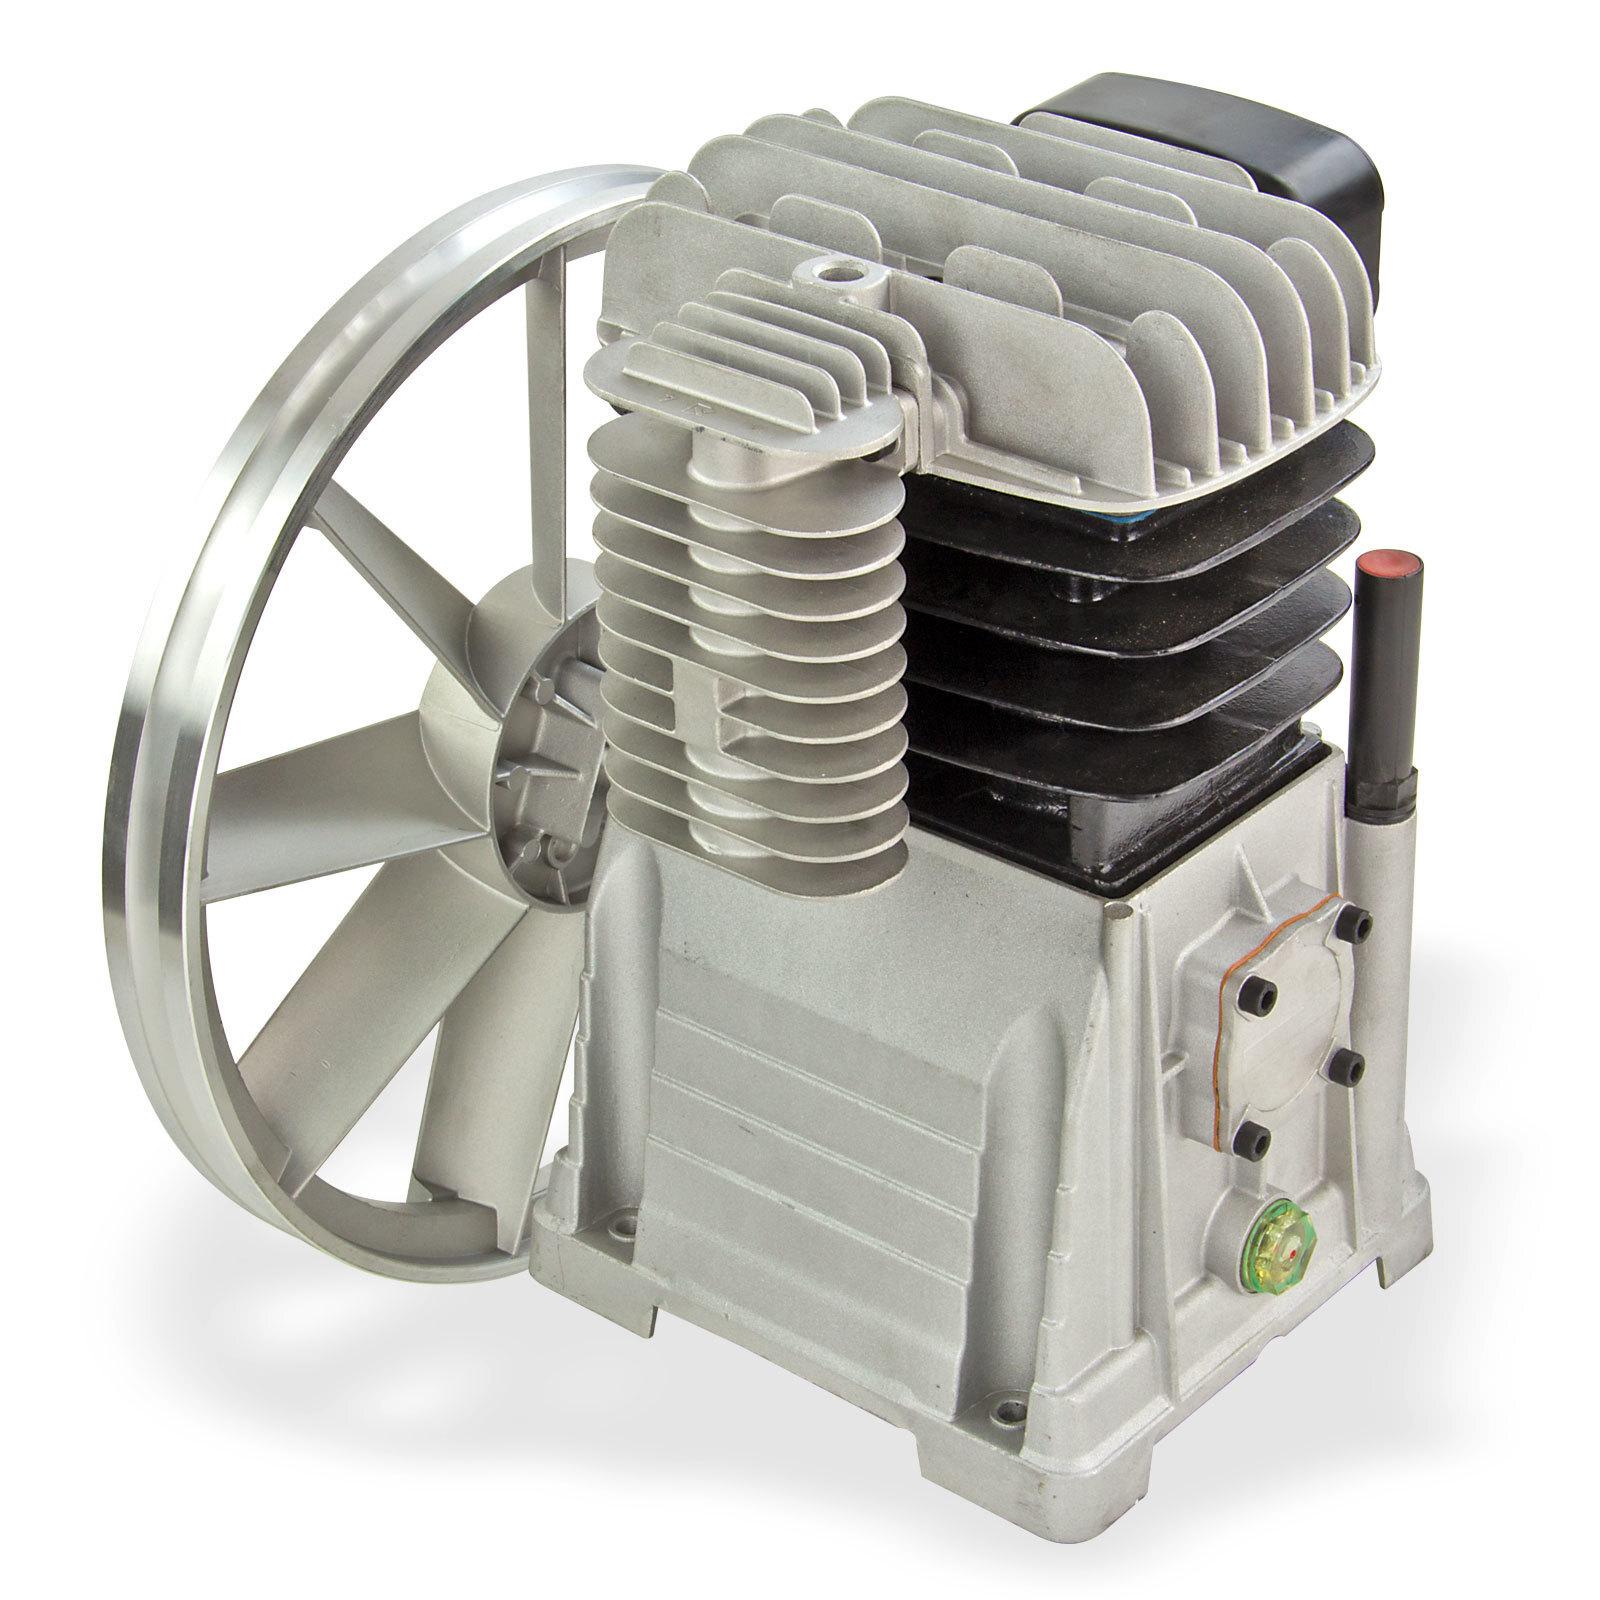 aggregat f r g de kompressor 580 10 100 eu 400 v 10 bar 2 zylinder ebay. Black Bedroom Furniture Sets. Home Design Ideas